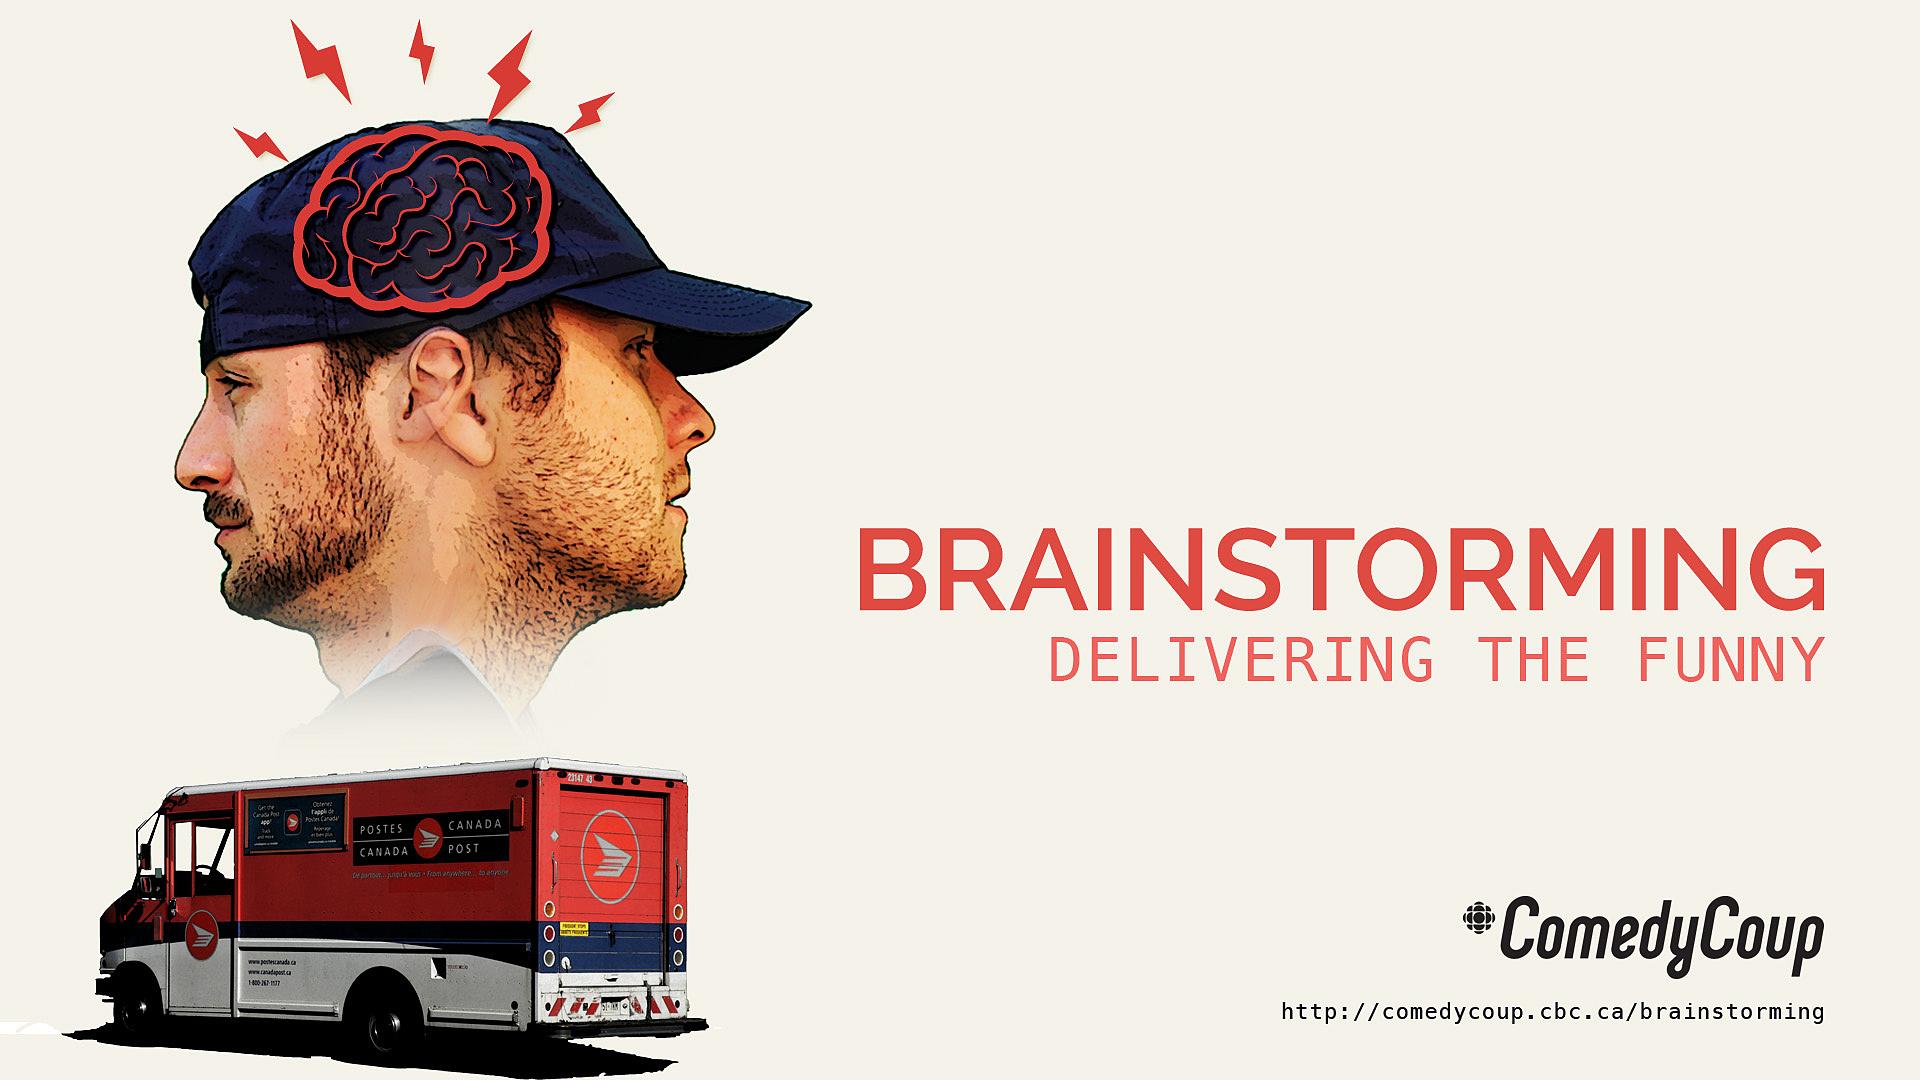 Week 4 Key It: Poster A Brainstorming